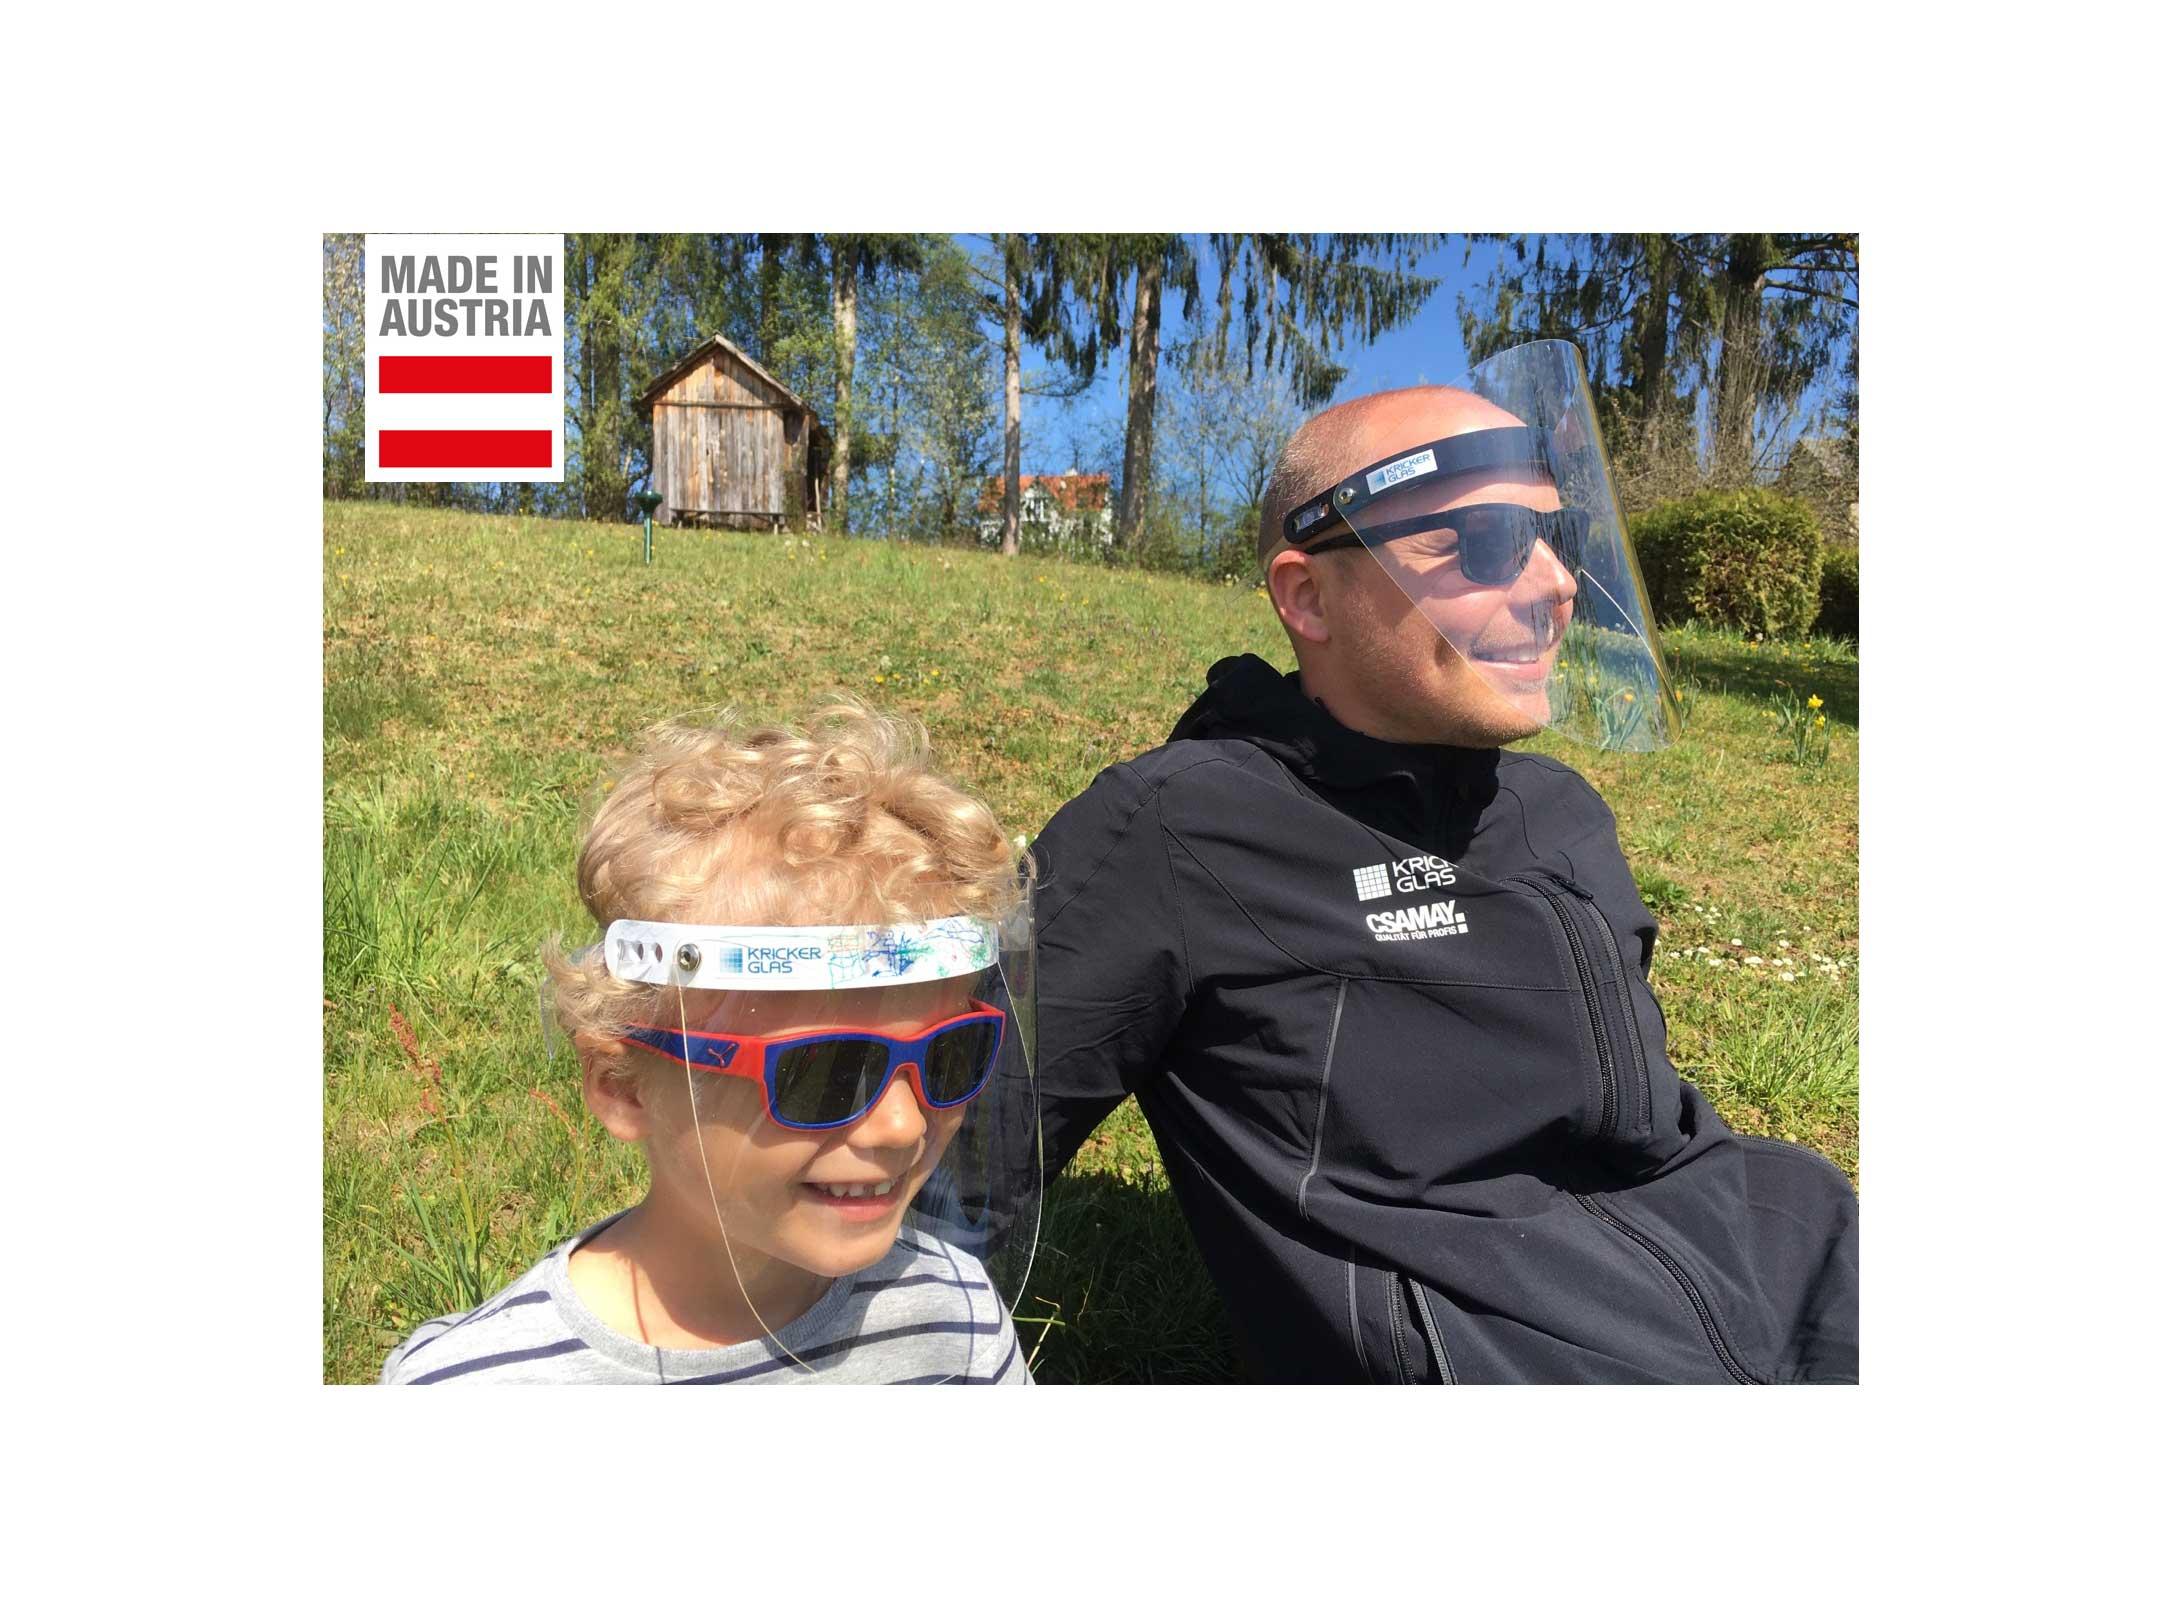 Corona Hygiene Maske Gesichtsschutzmaske Gesichtsschutzschirm Gesichtsschutzvisier auch für Kinder